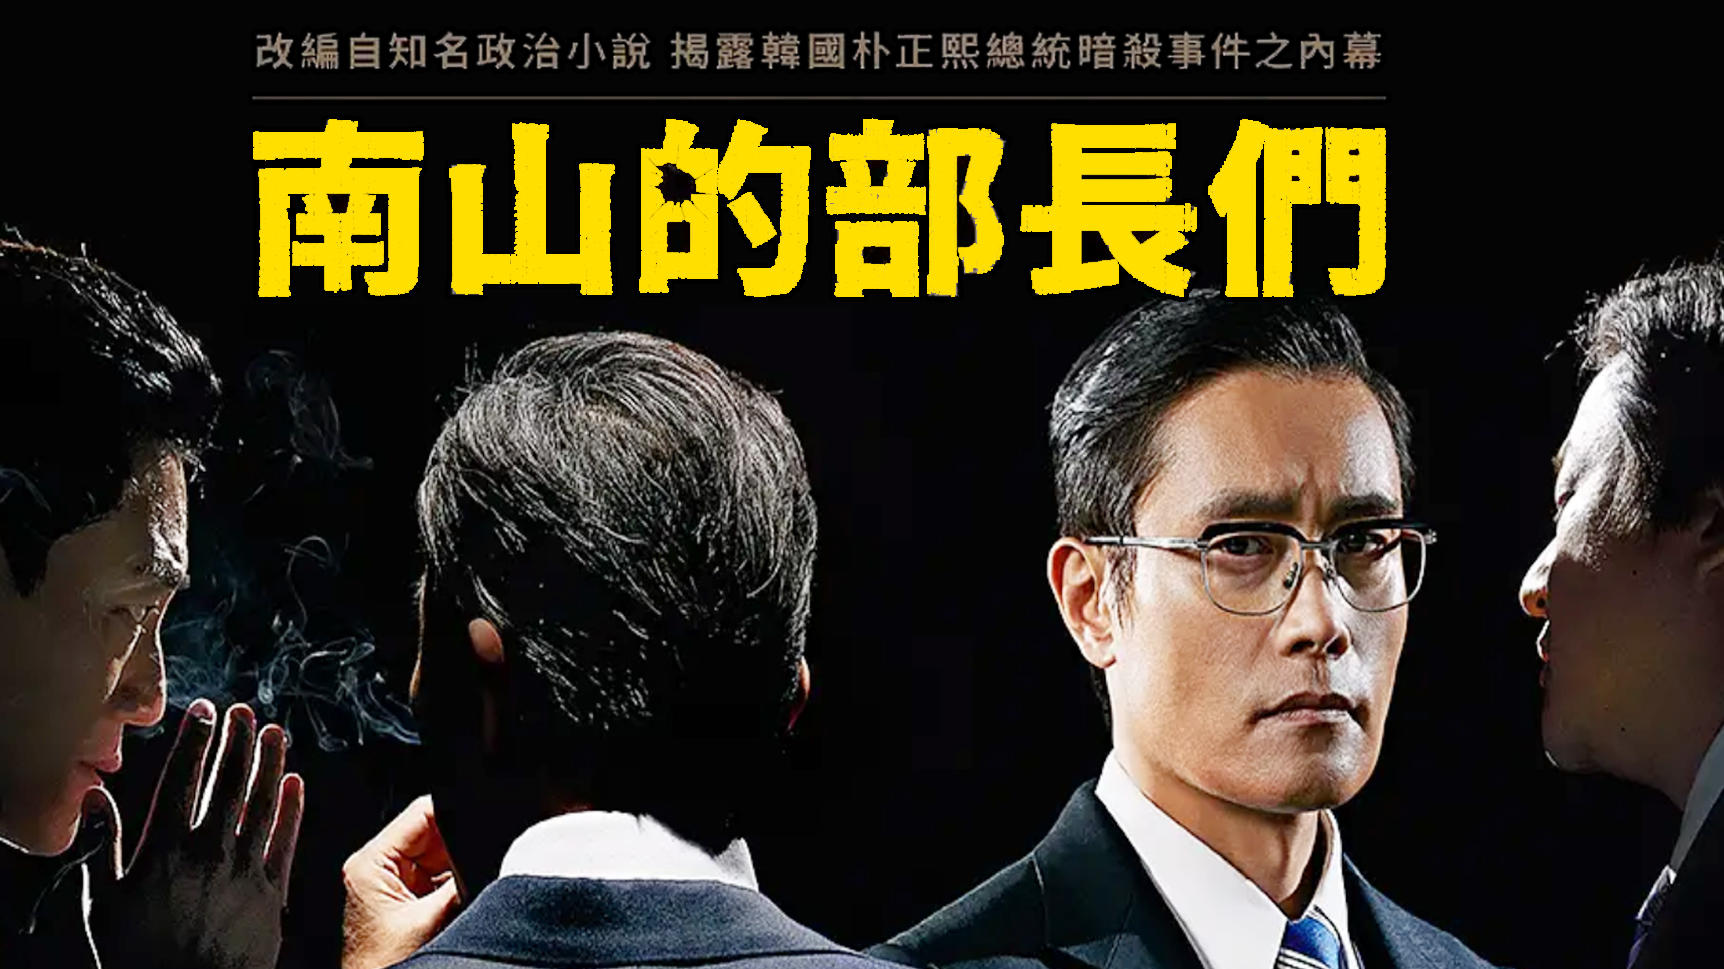 #电影解说#《南山的部长们》硬核劲爆,揭露韩国总统朴正熙被暗杀内幕